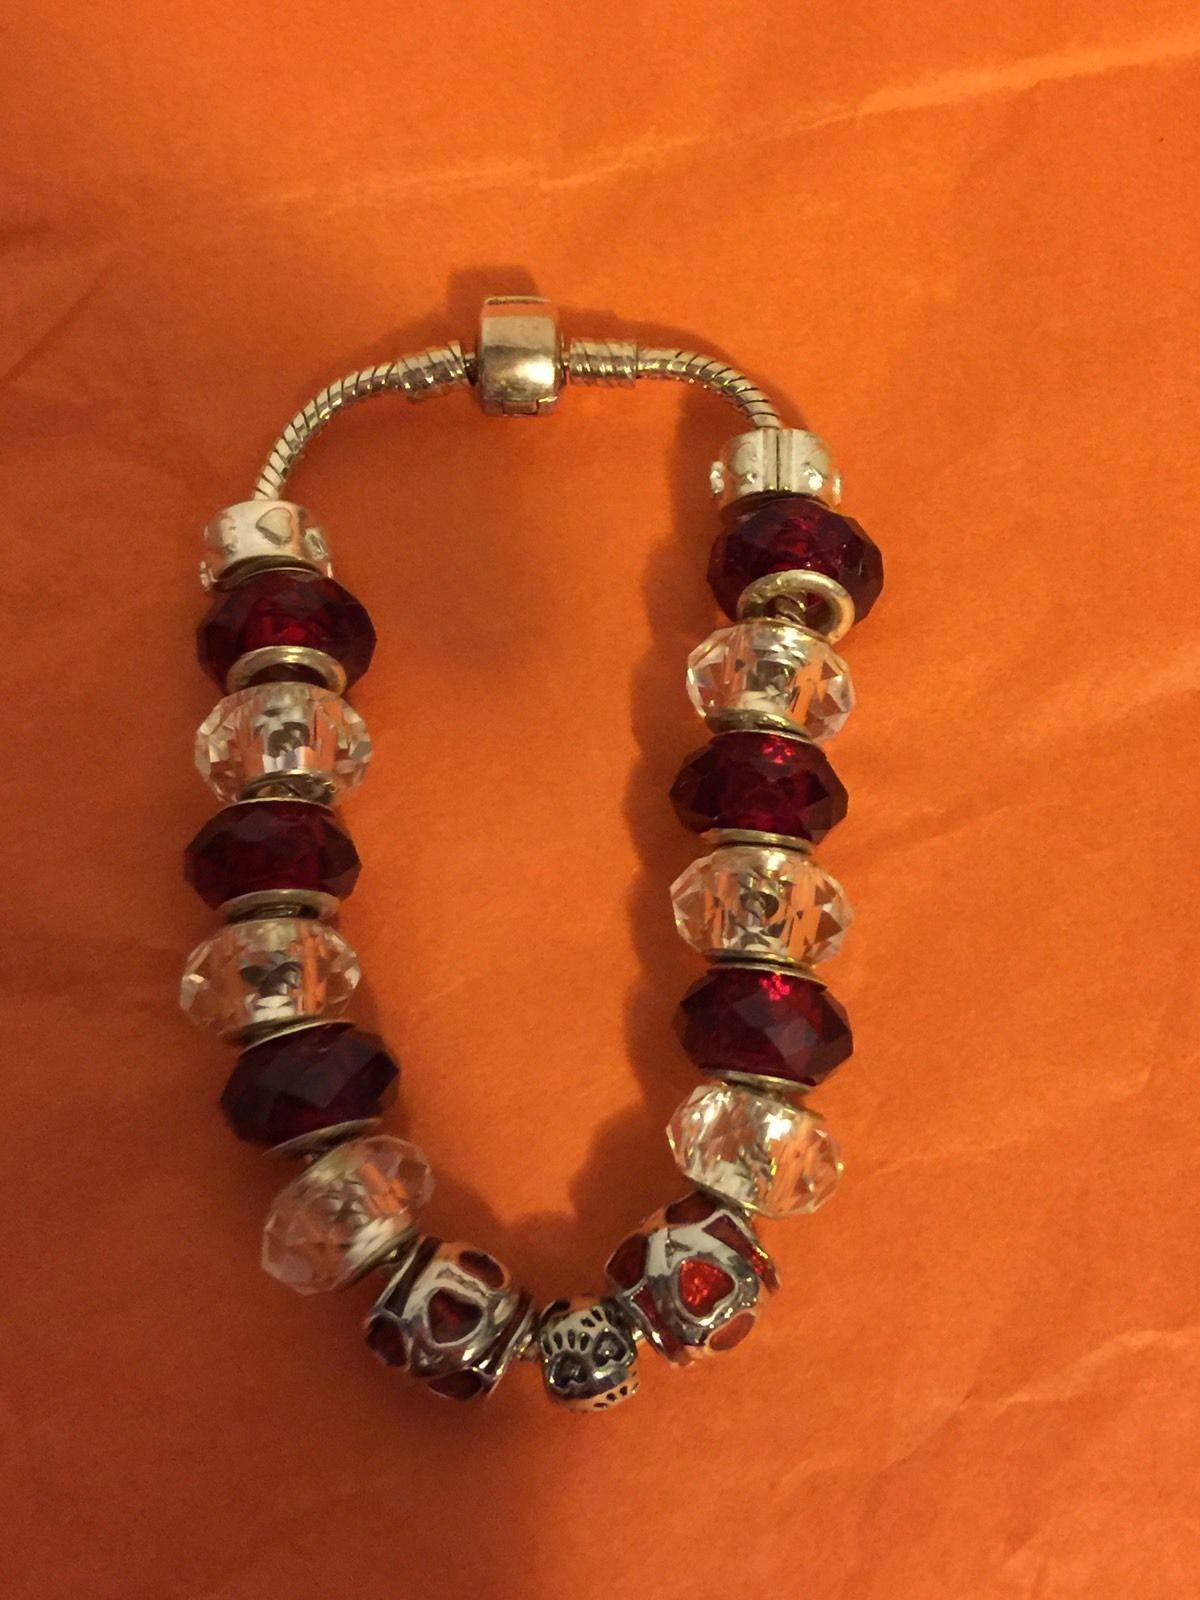 Paws of Love European Murano Beads Charm Bracelet | eBay